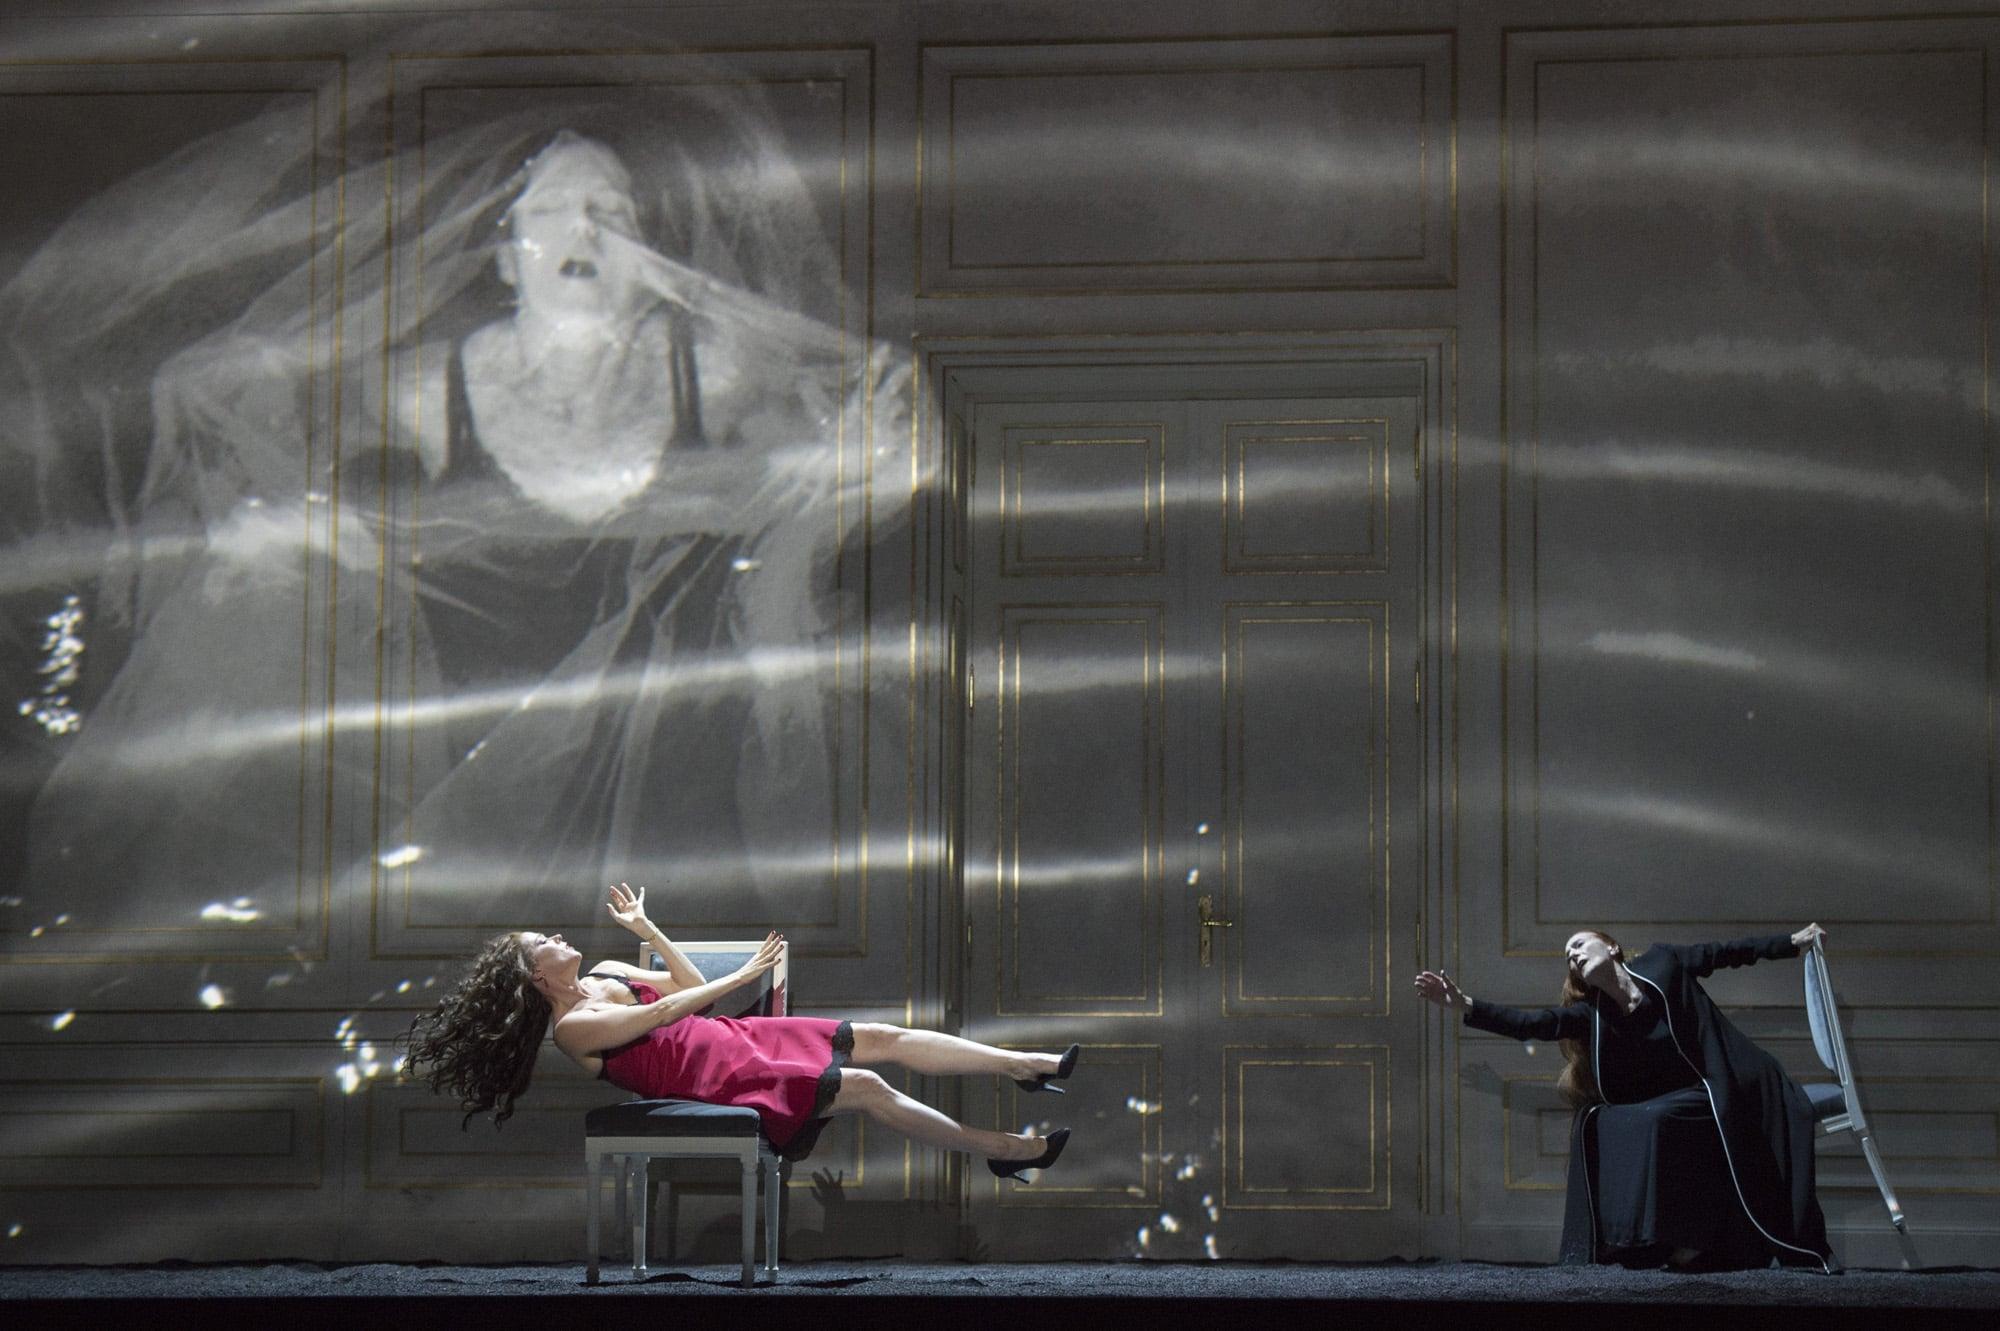 Monika_Rittershaus___Opera_national_de_Paris-Berenice-18.19-c-Monika-Rittershaus-OnP-18-